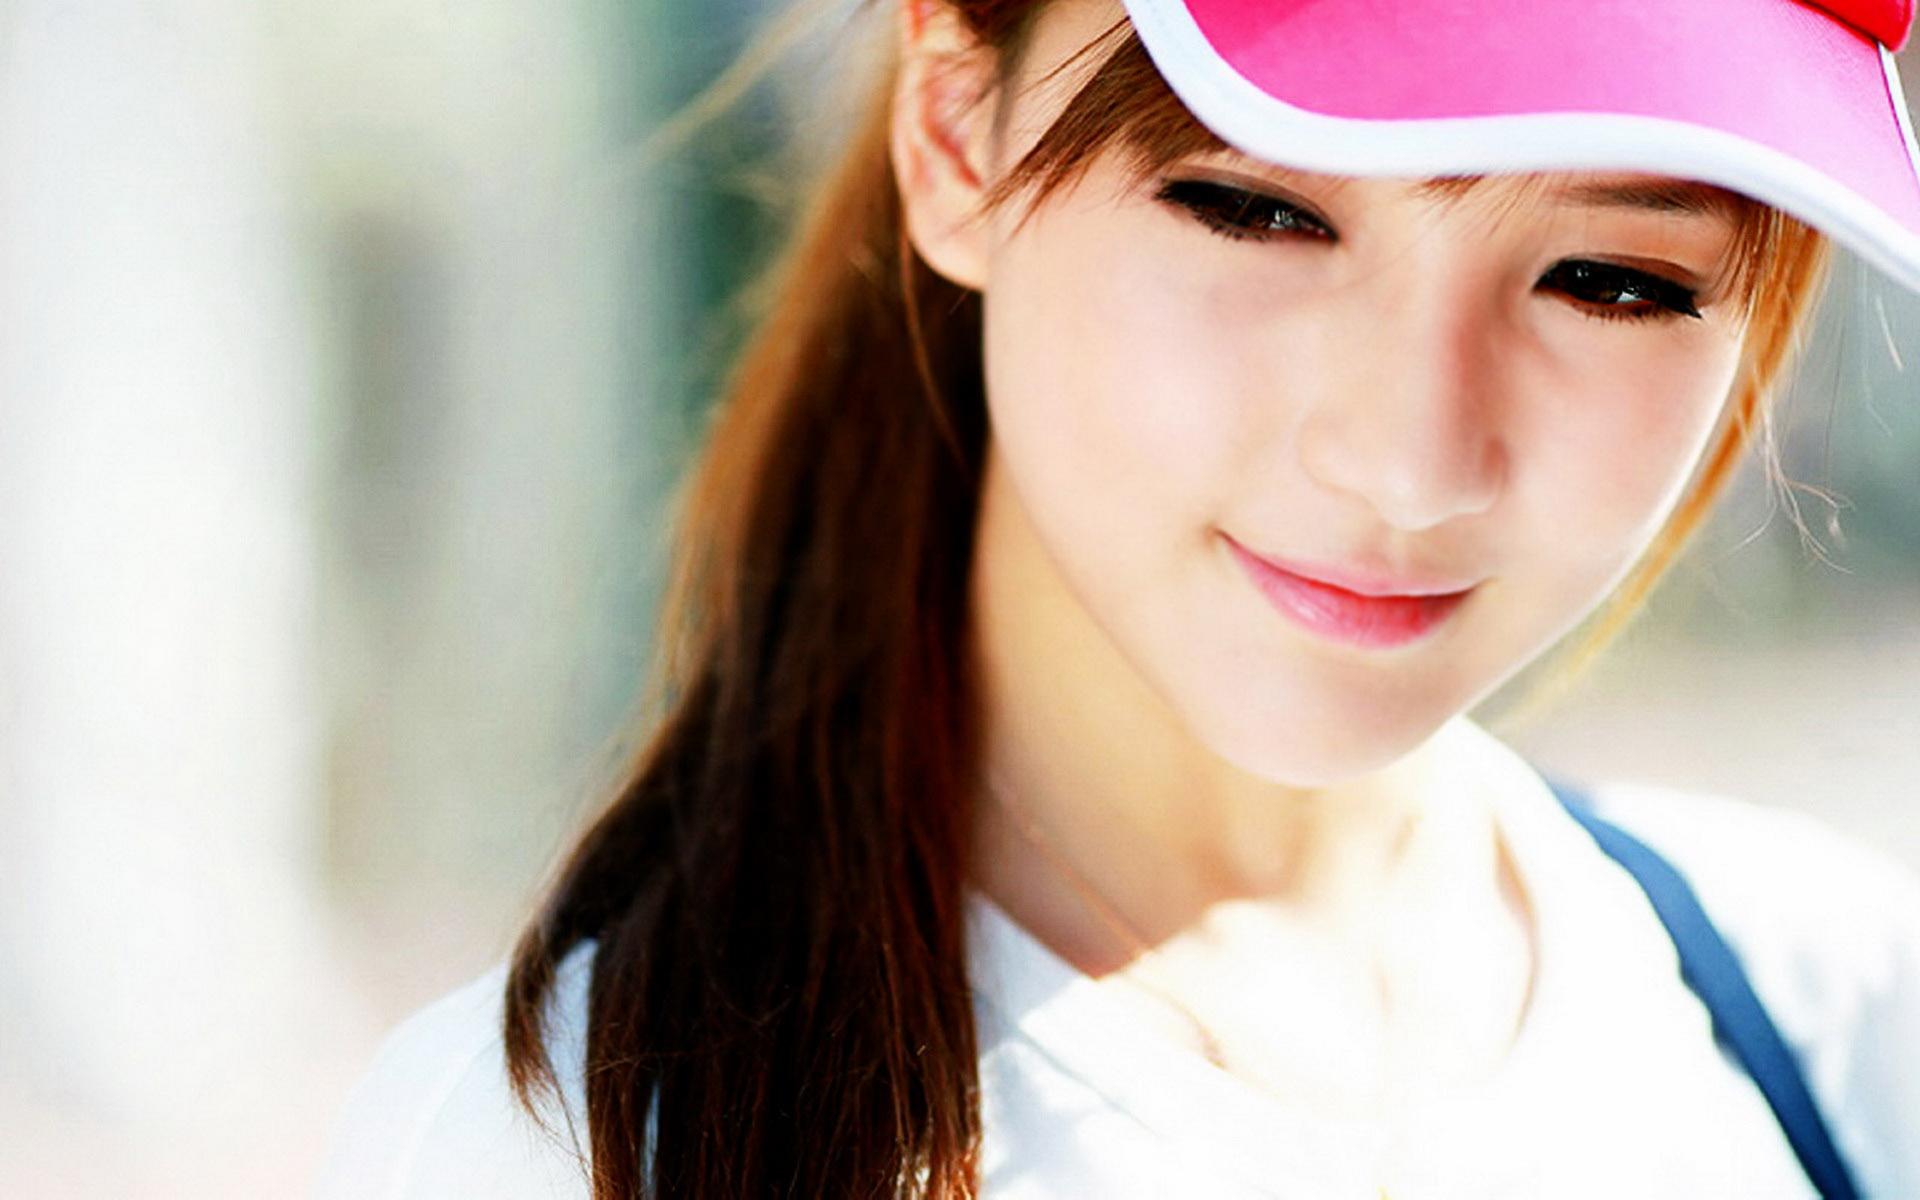 Description Cute Asian Girl Wallpaper HD is a hi res Wallpaper for pc 1920x1200